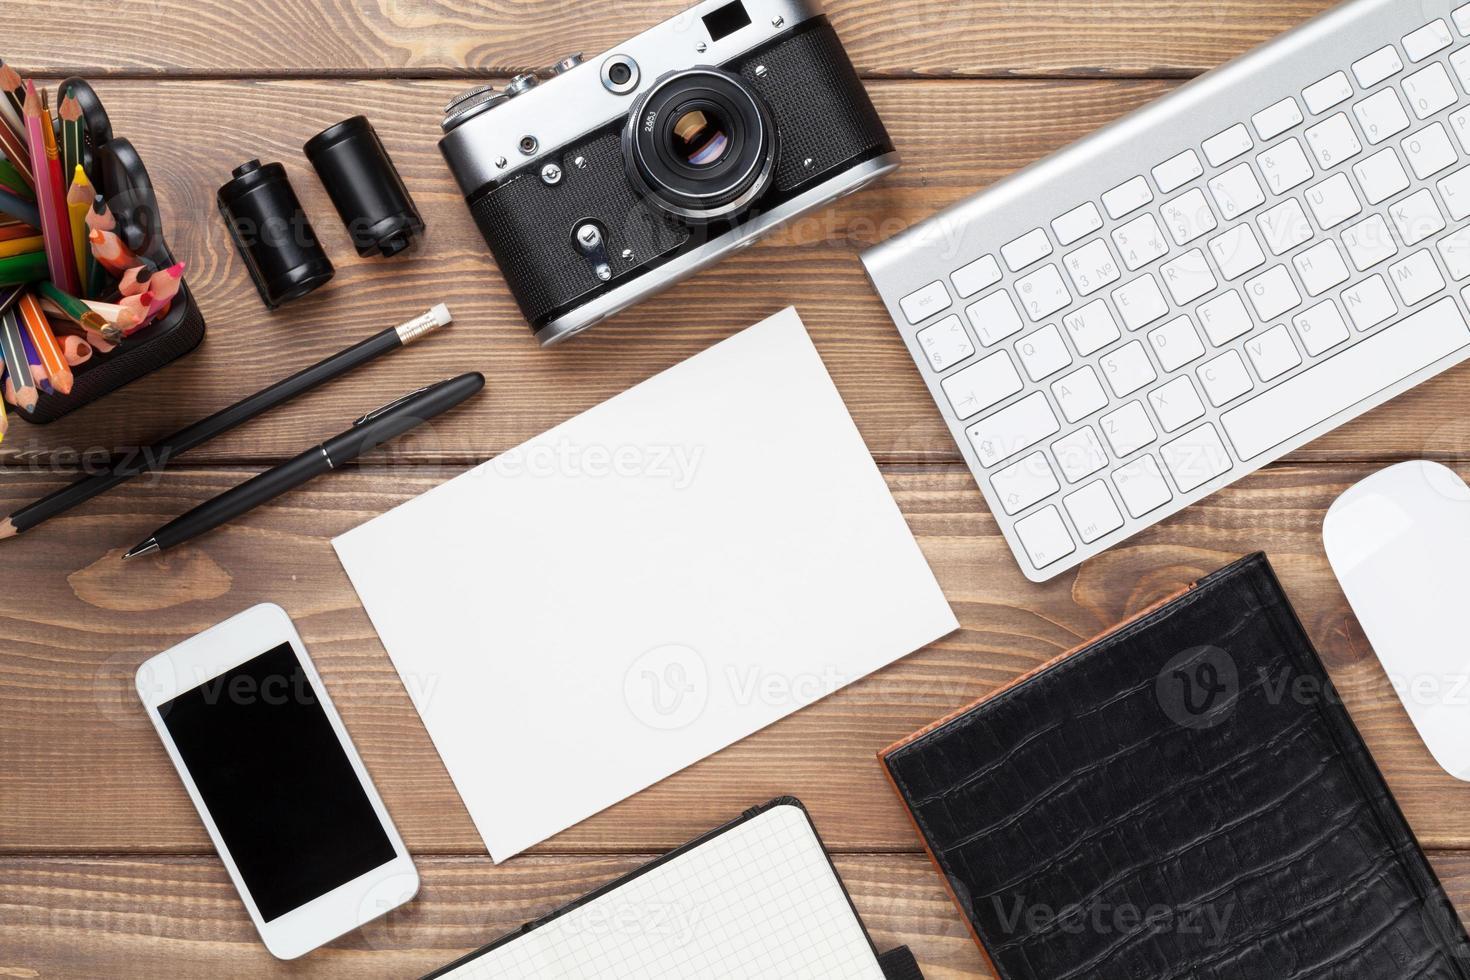 mesa de escritório com suprimentos, câmera e cartão em branco foto